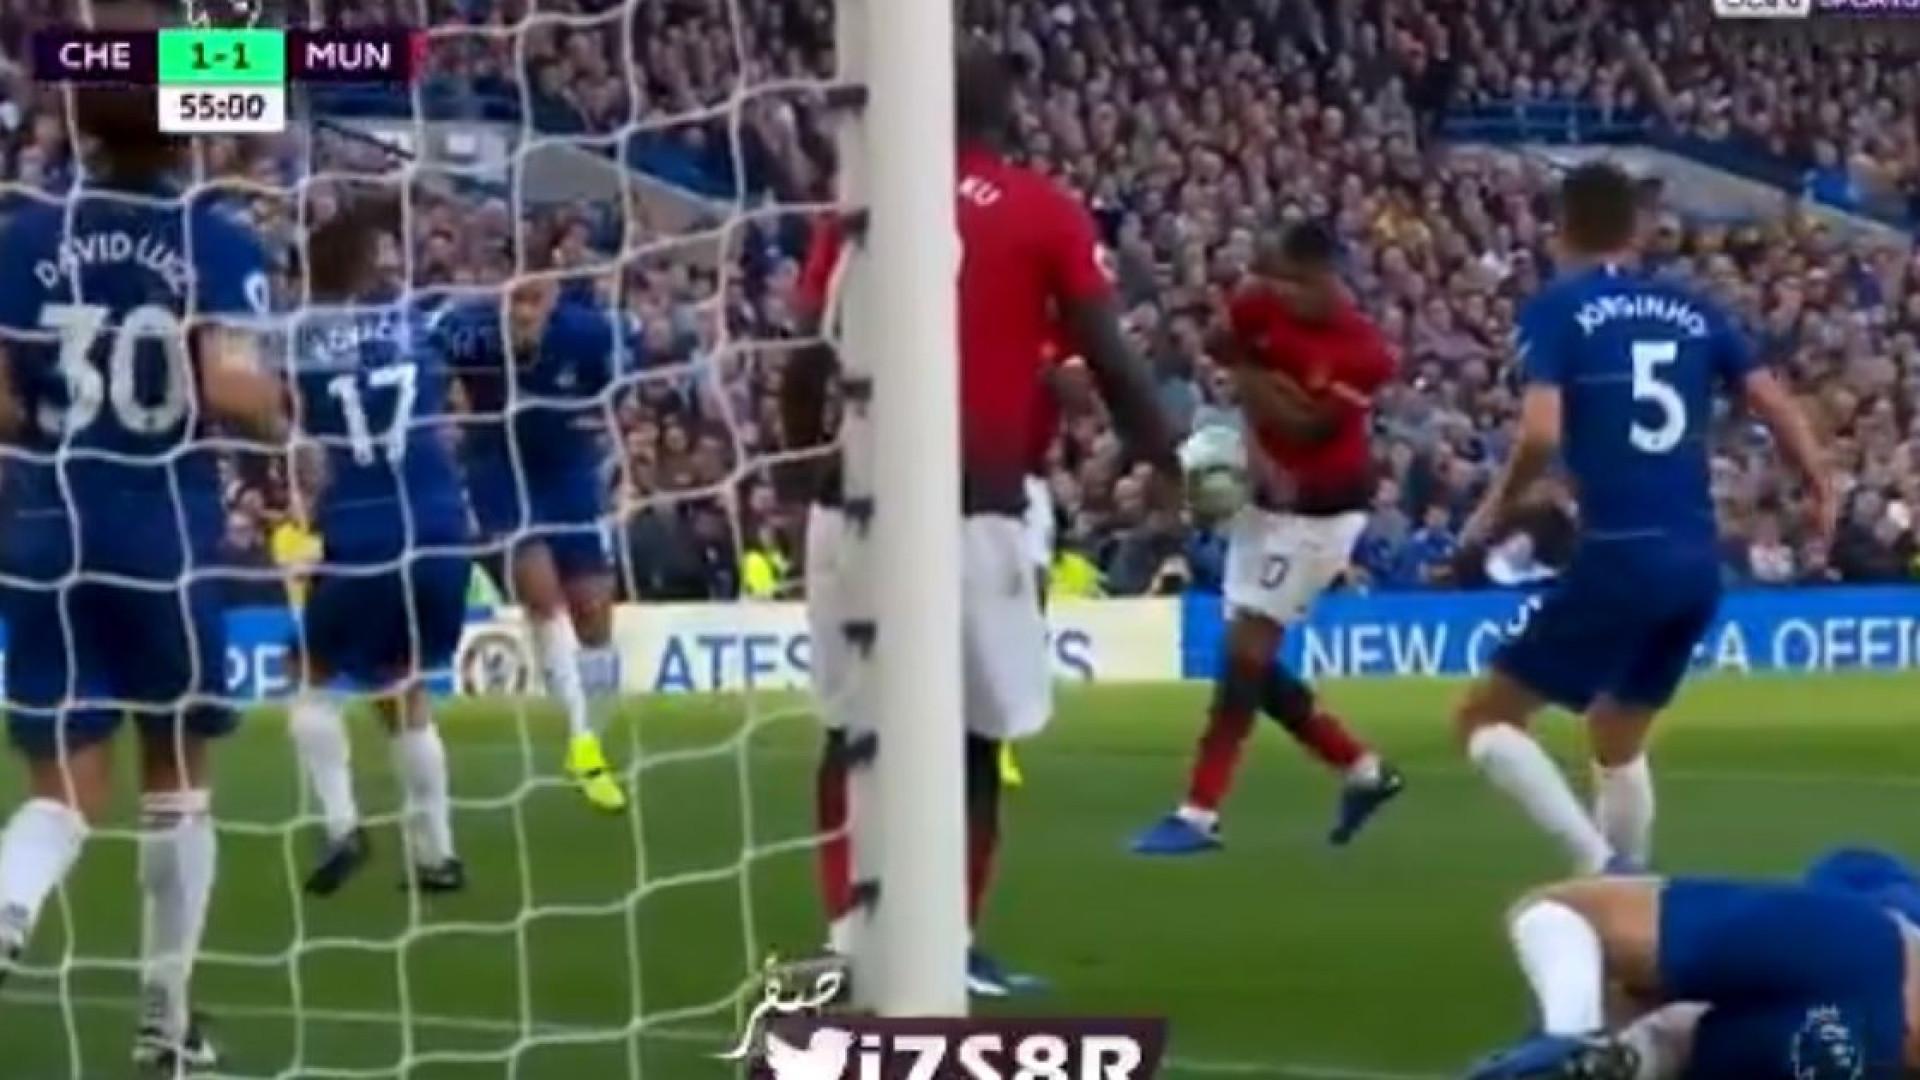 Com Alonso no chão, Manchester United aproveita para marcar